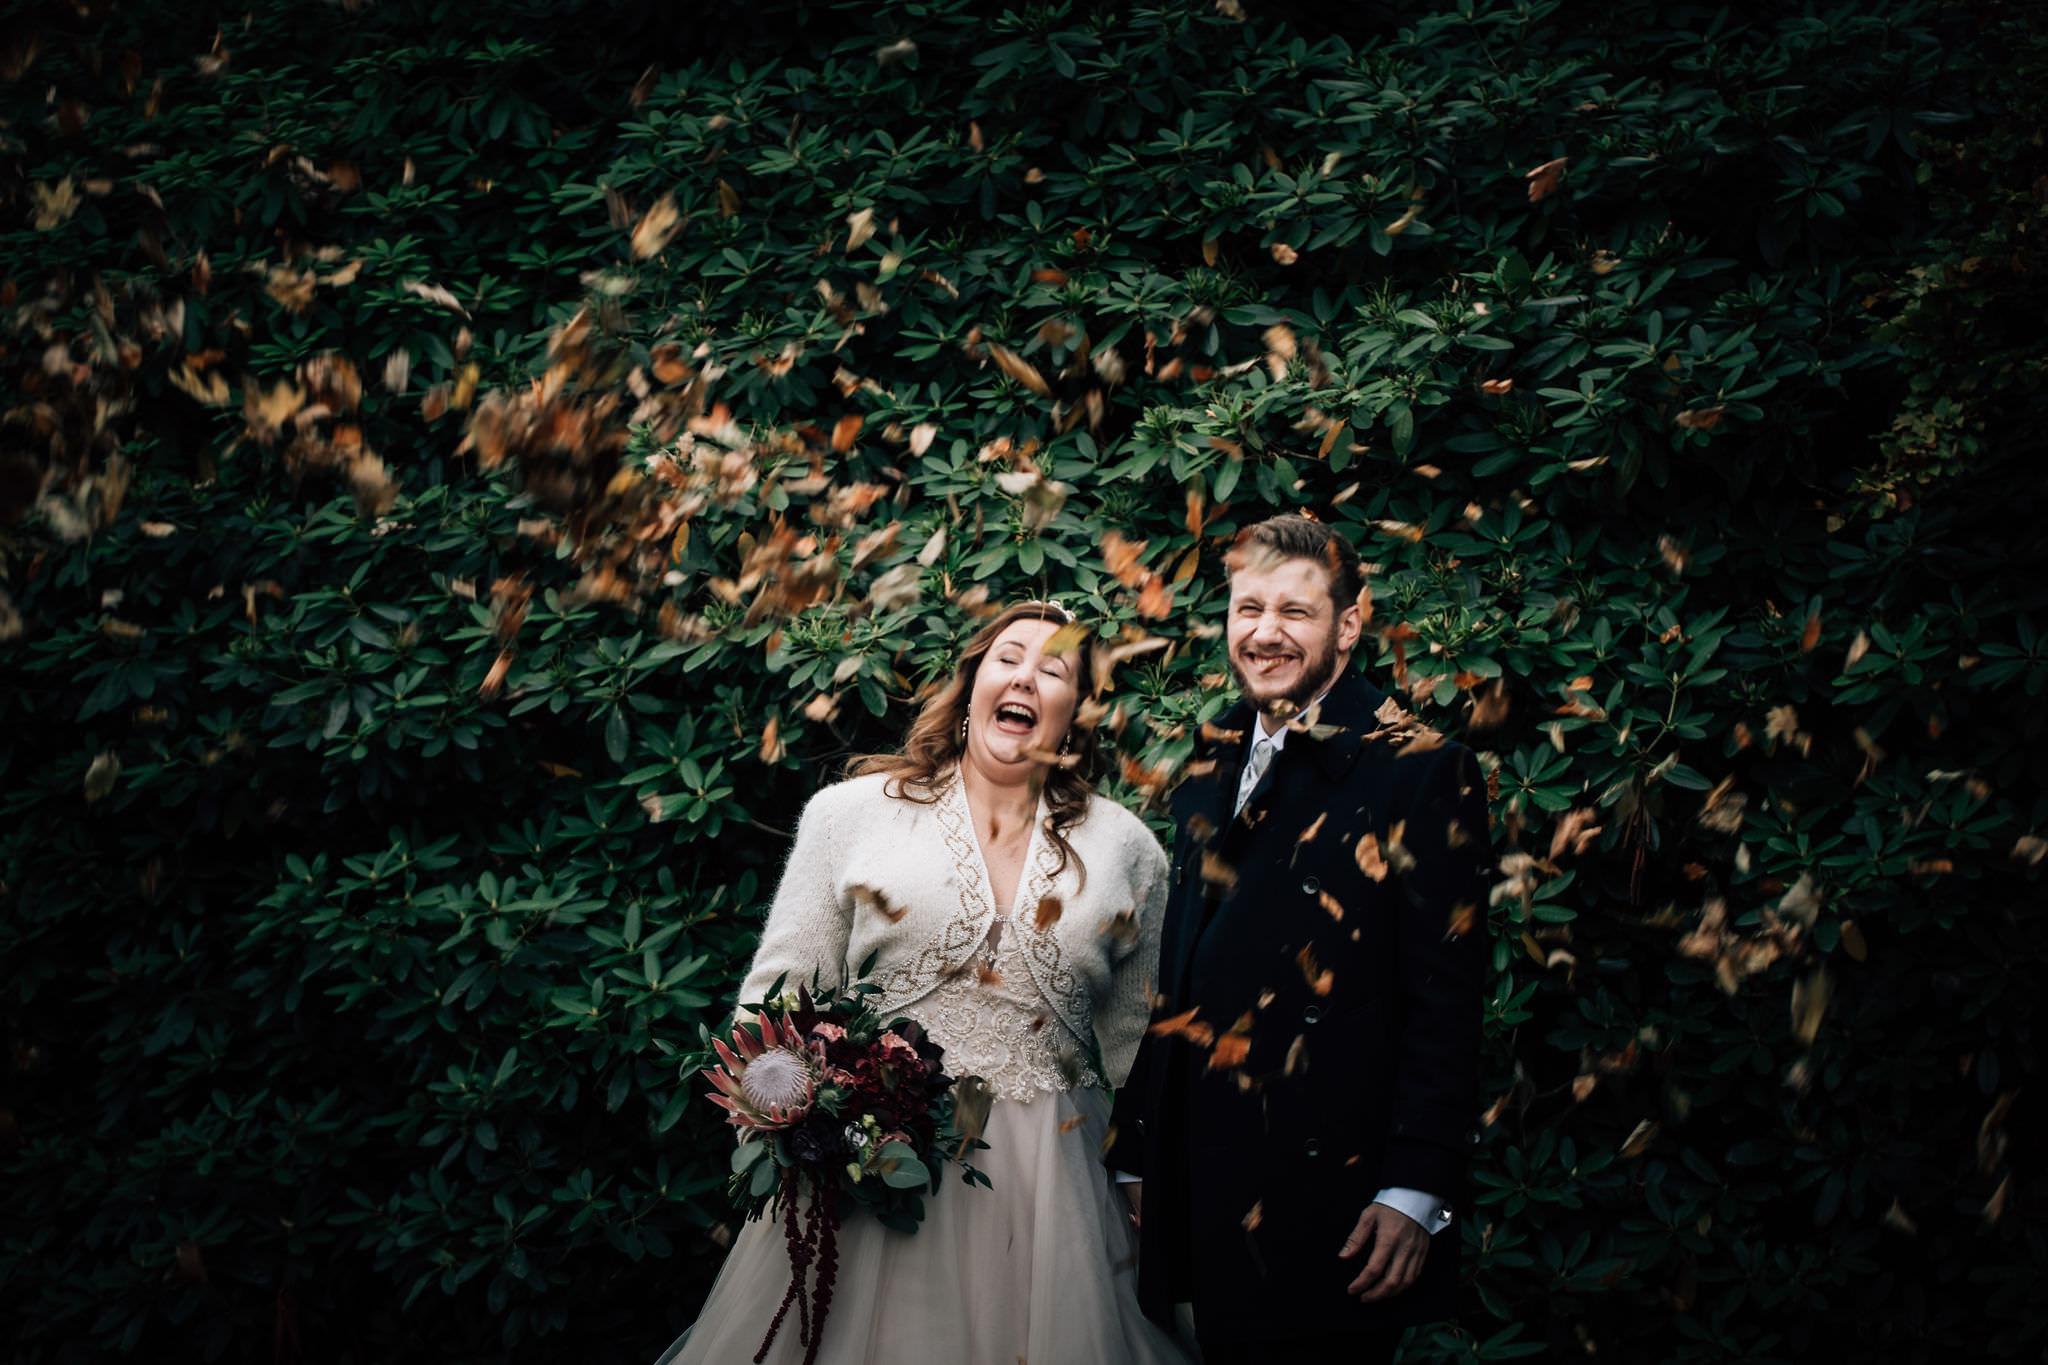 oslo-fotograf-bryllup-10